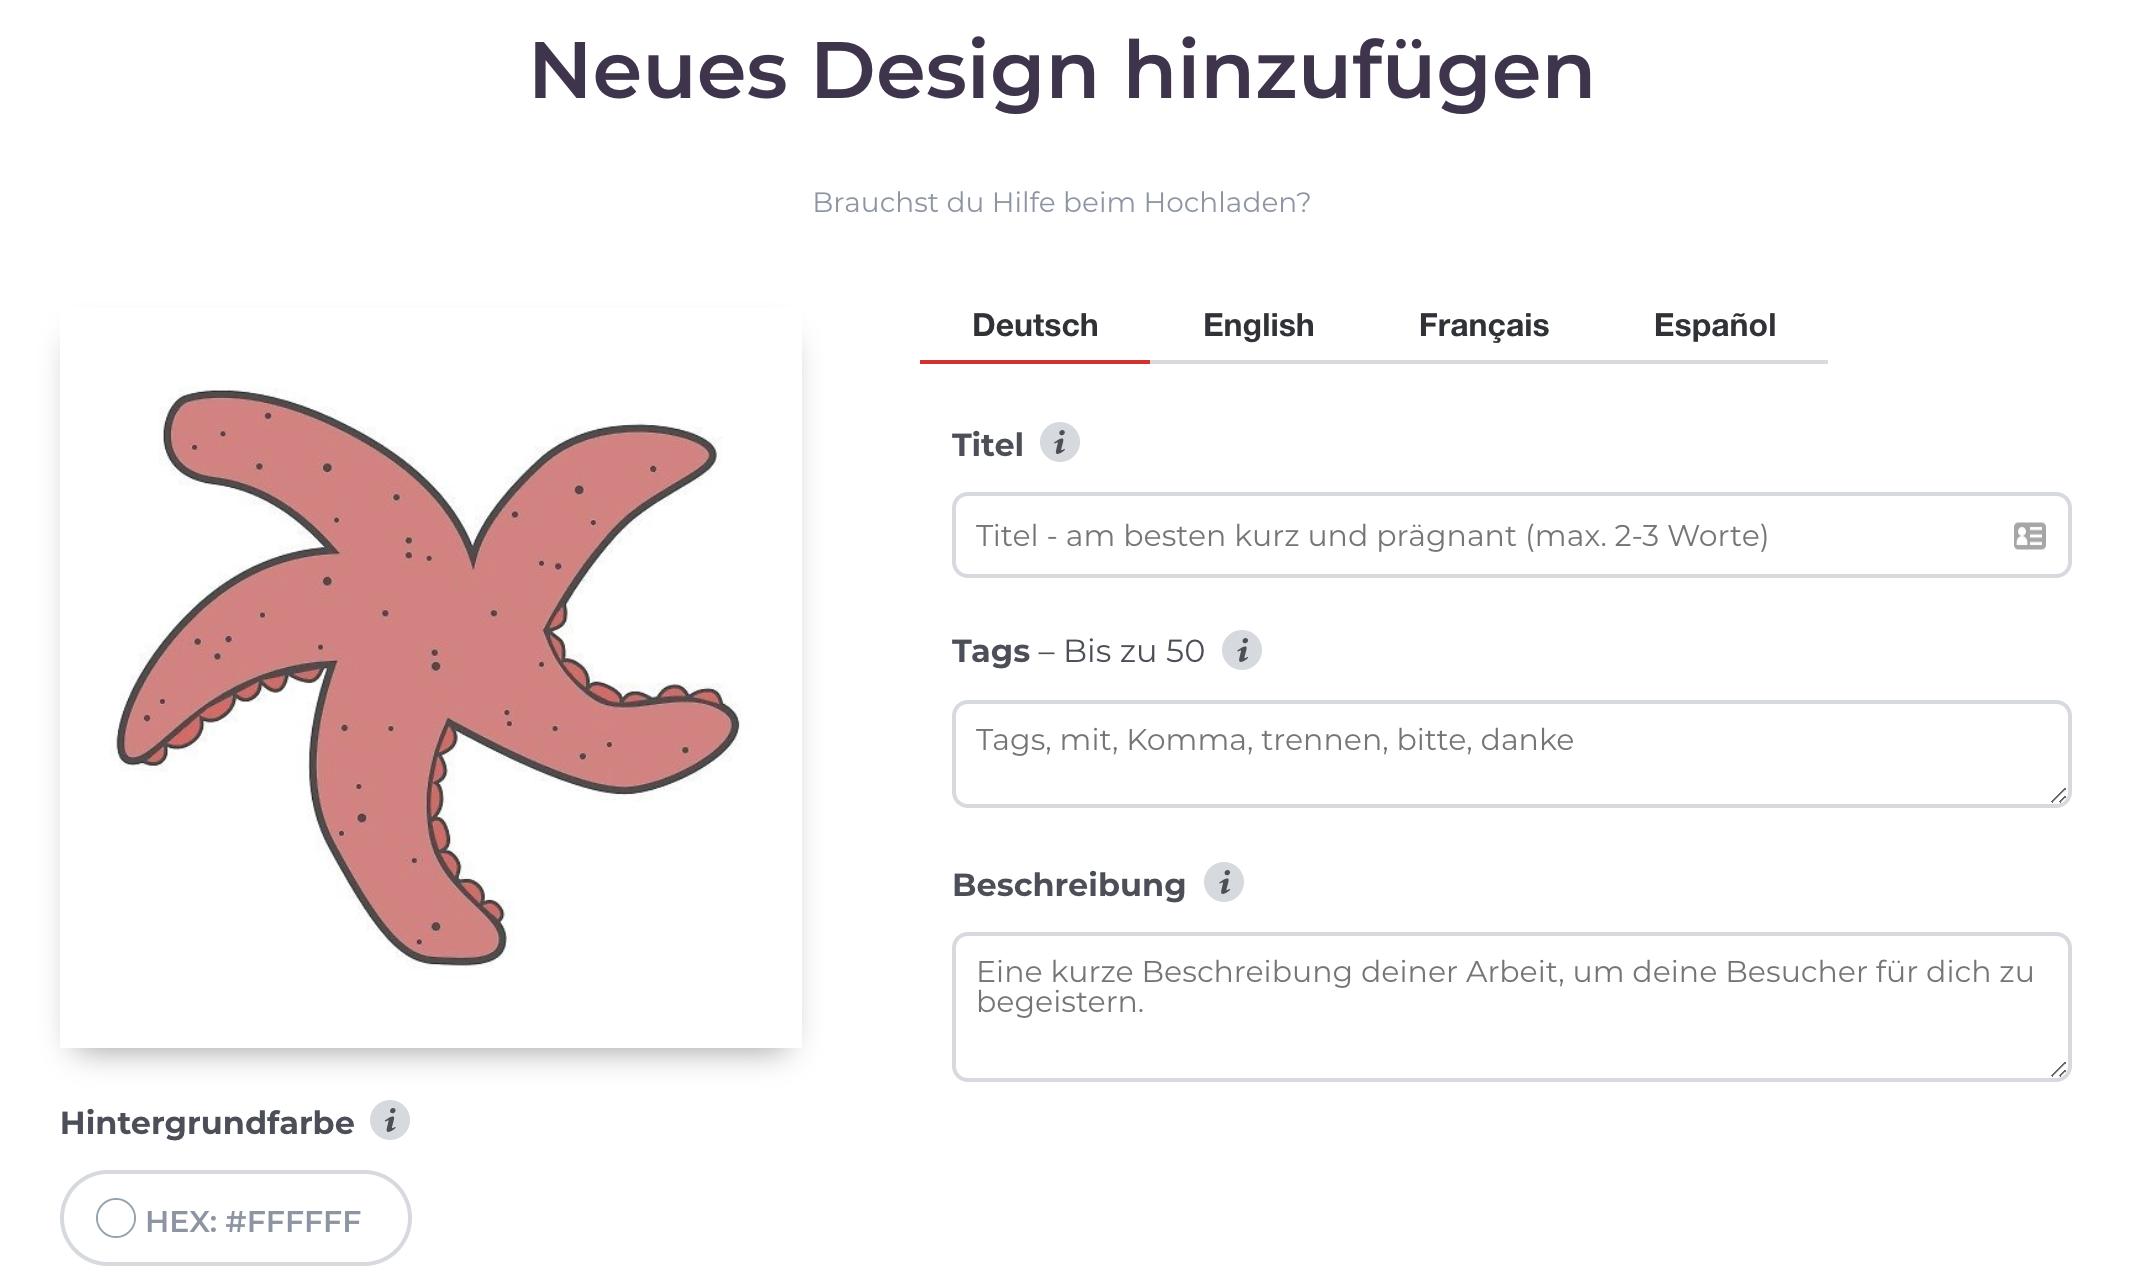 Titel für Designs